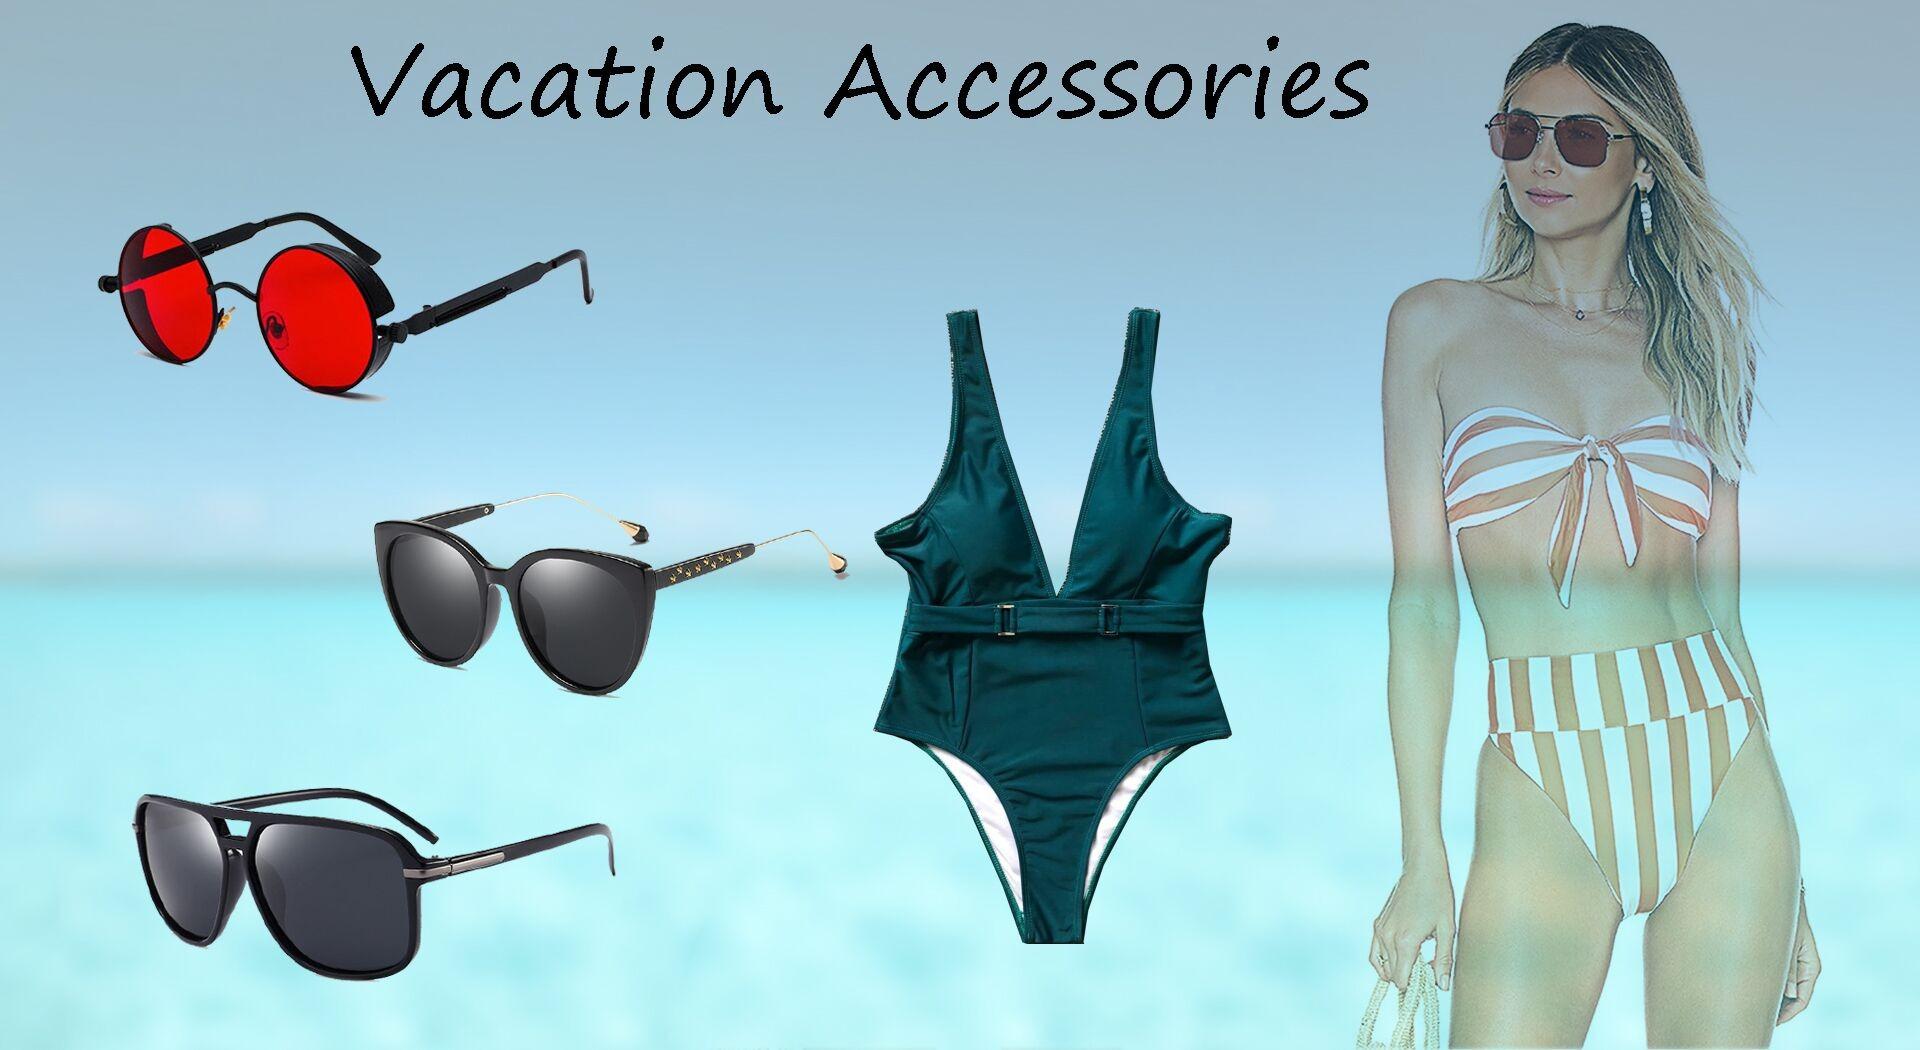 b5af5a393b7 Yiwu Gorgeous Accessory Co., Ltd. - Scarf, Handbag